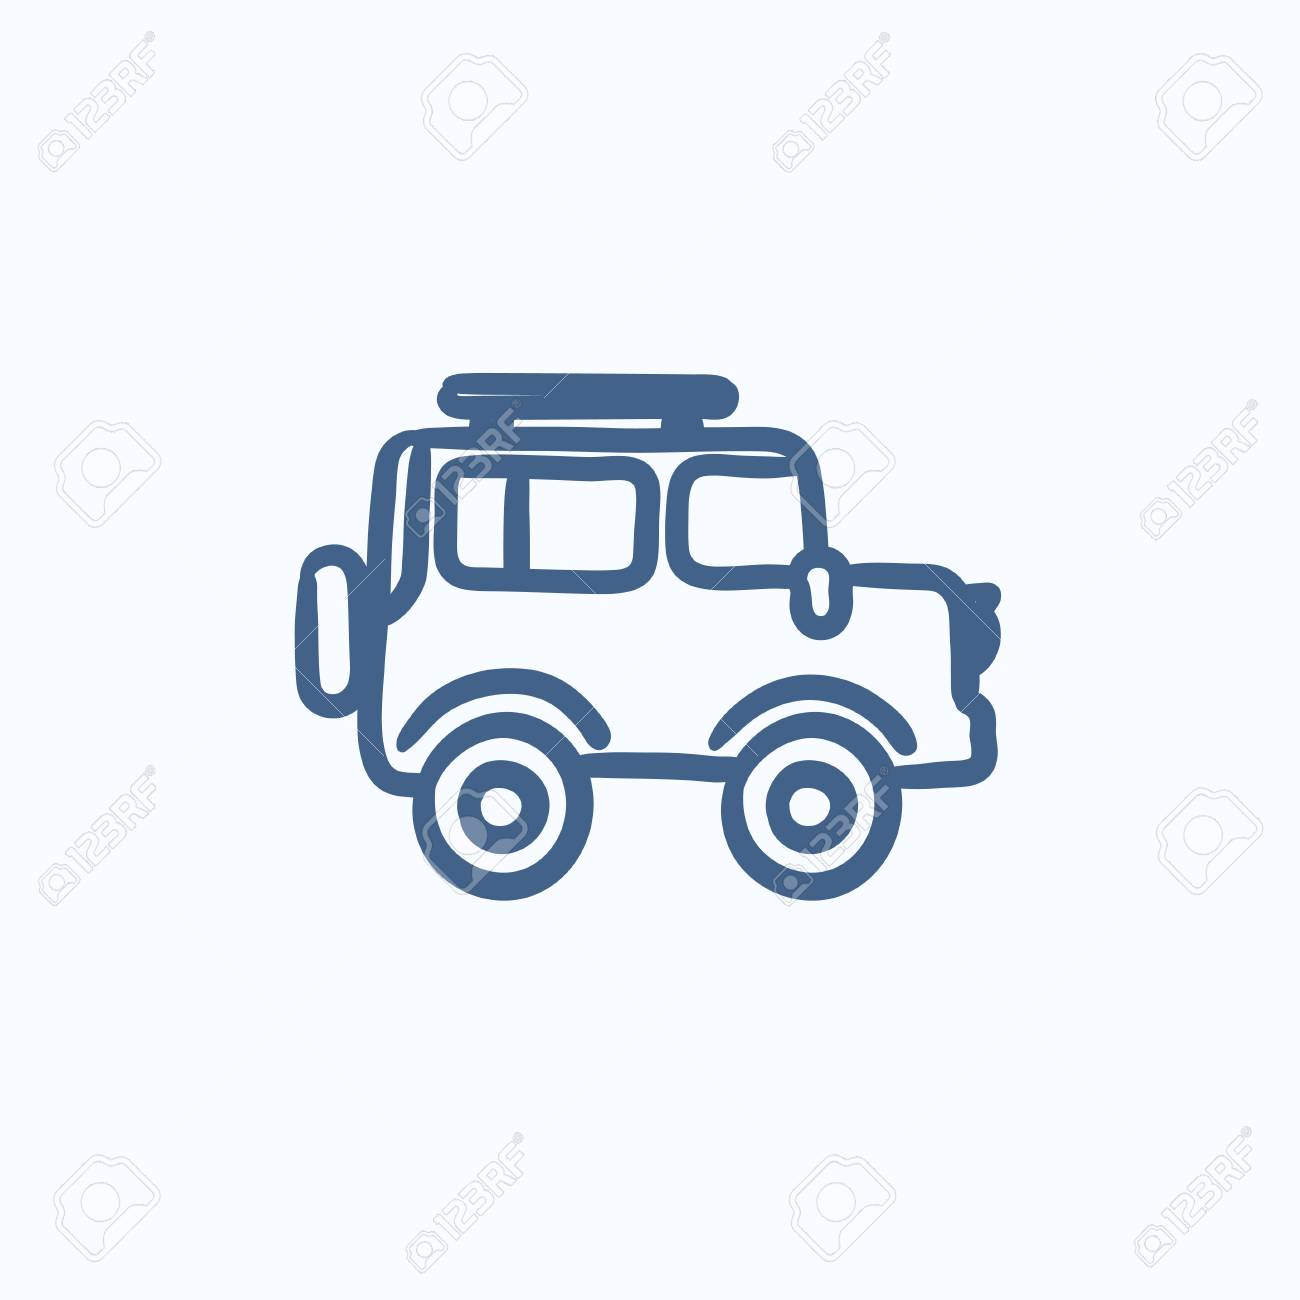 Wunderbar Wie Man Ein Auto Skizziert Fotos - Elektrische Schaltplan ...